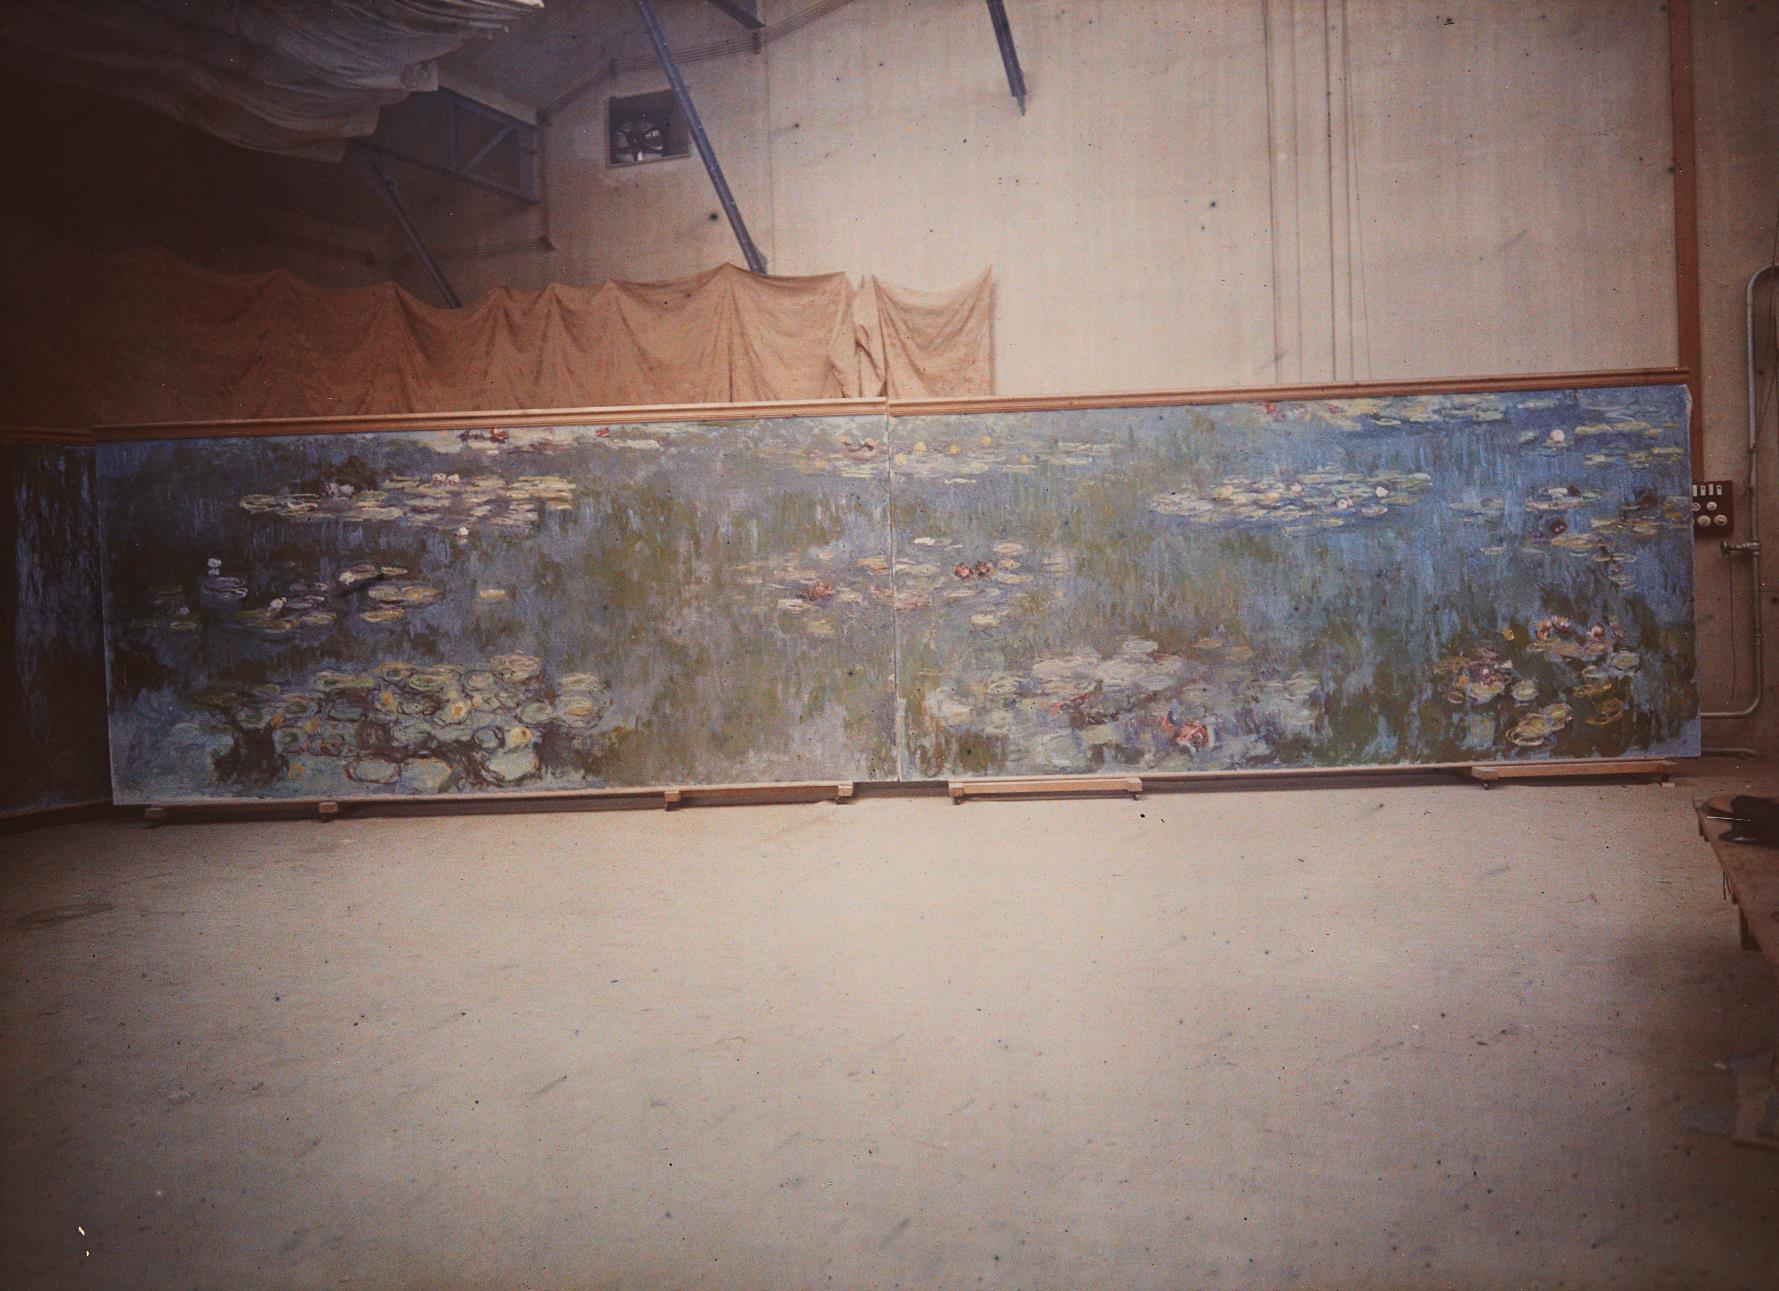 Etienne Clementel - Les Nympheas dans l'Atelier-1920